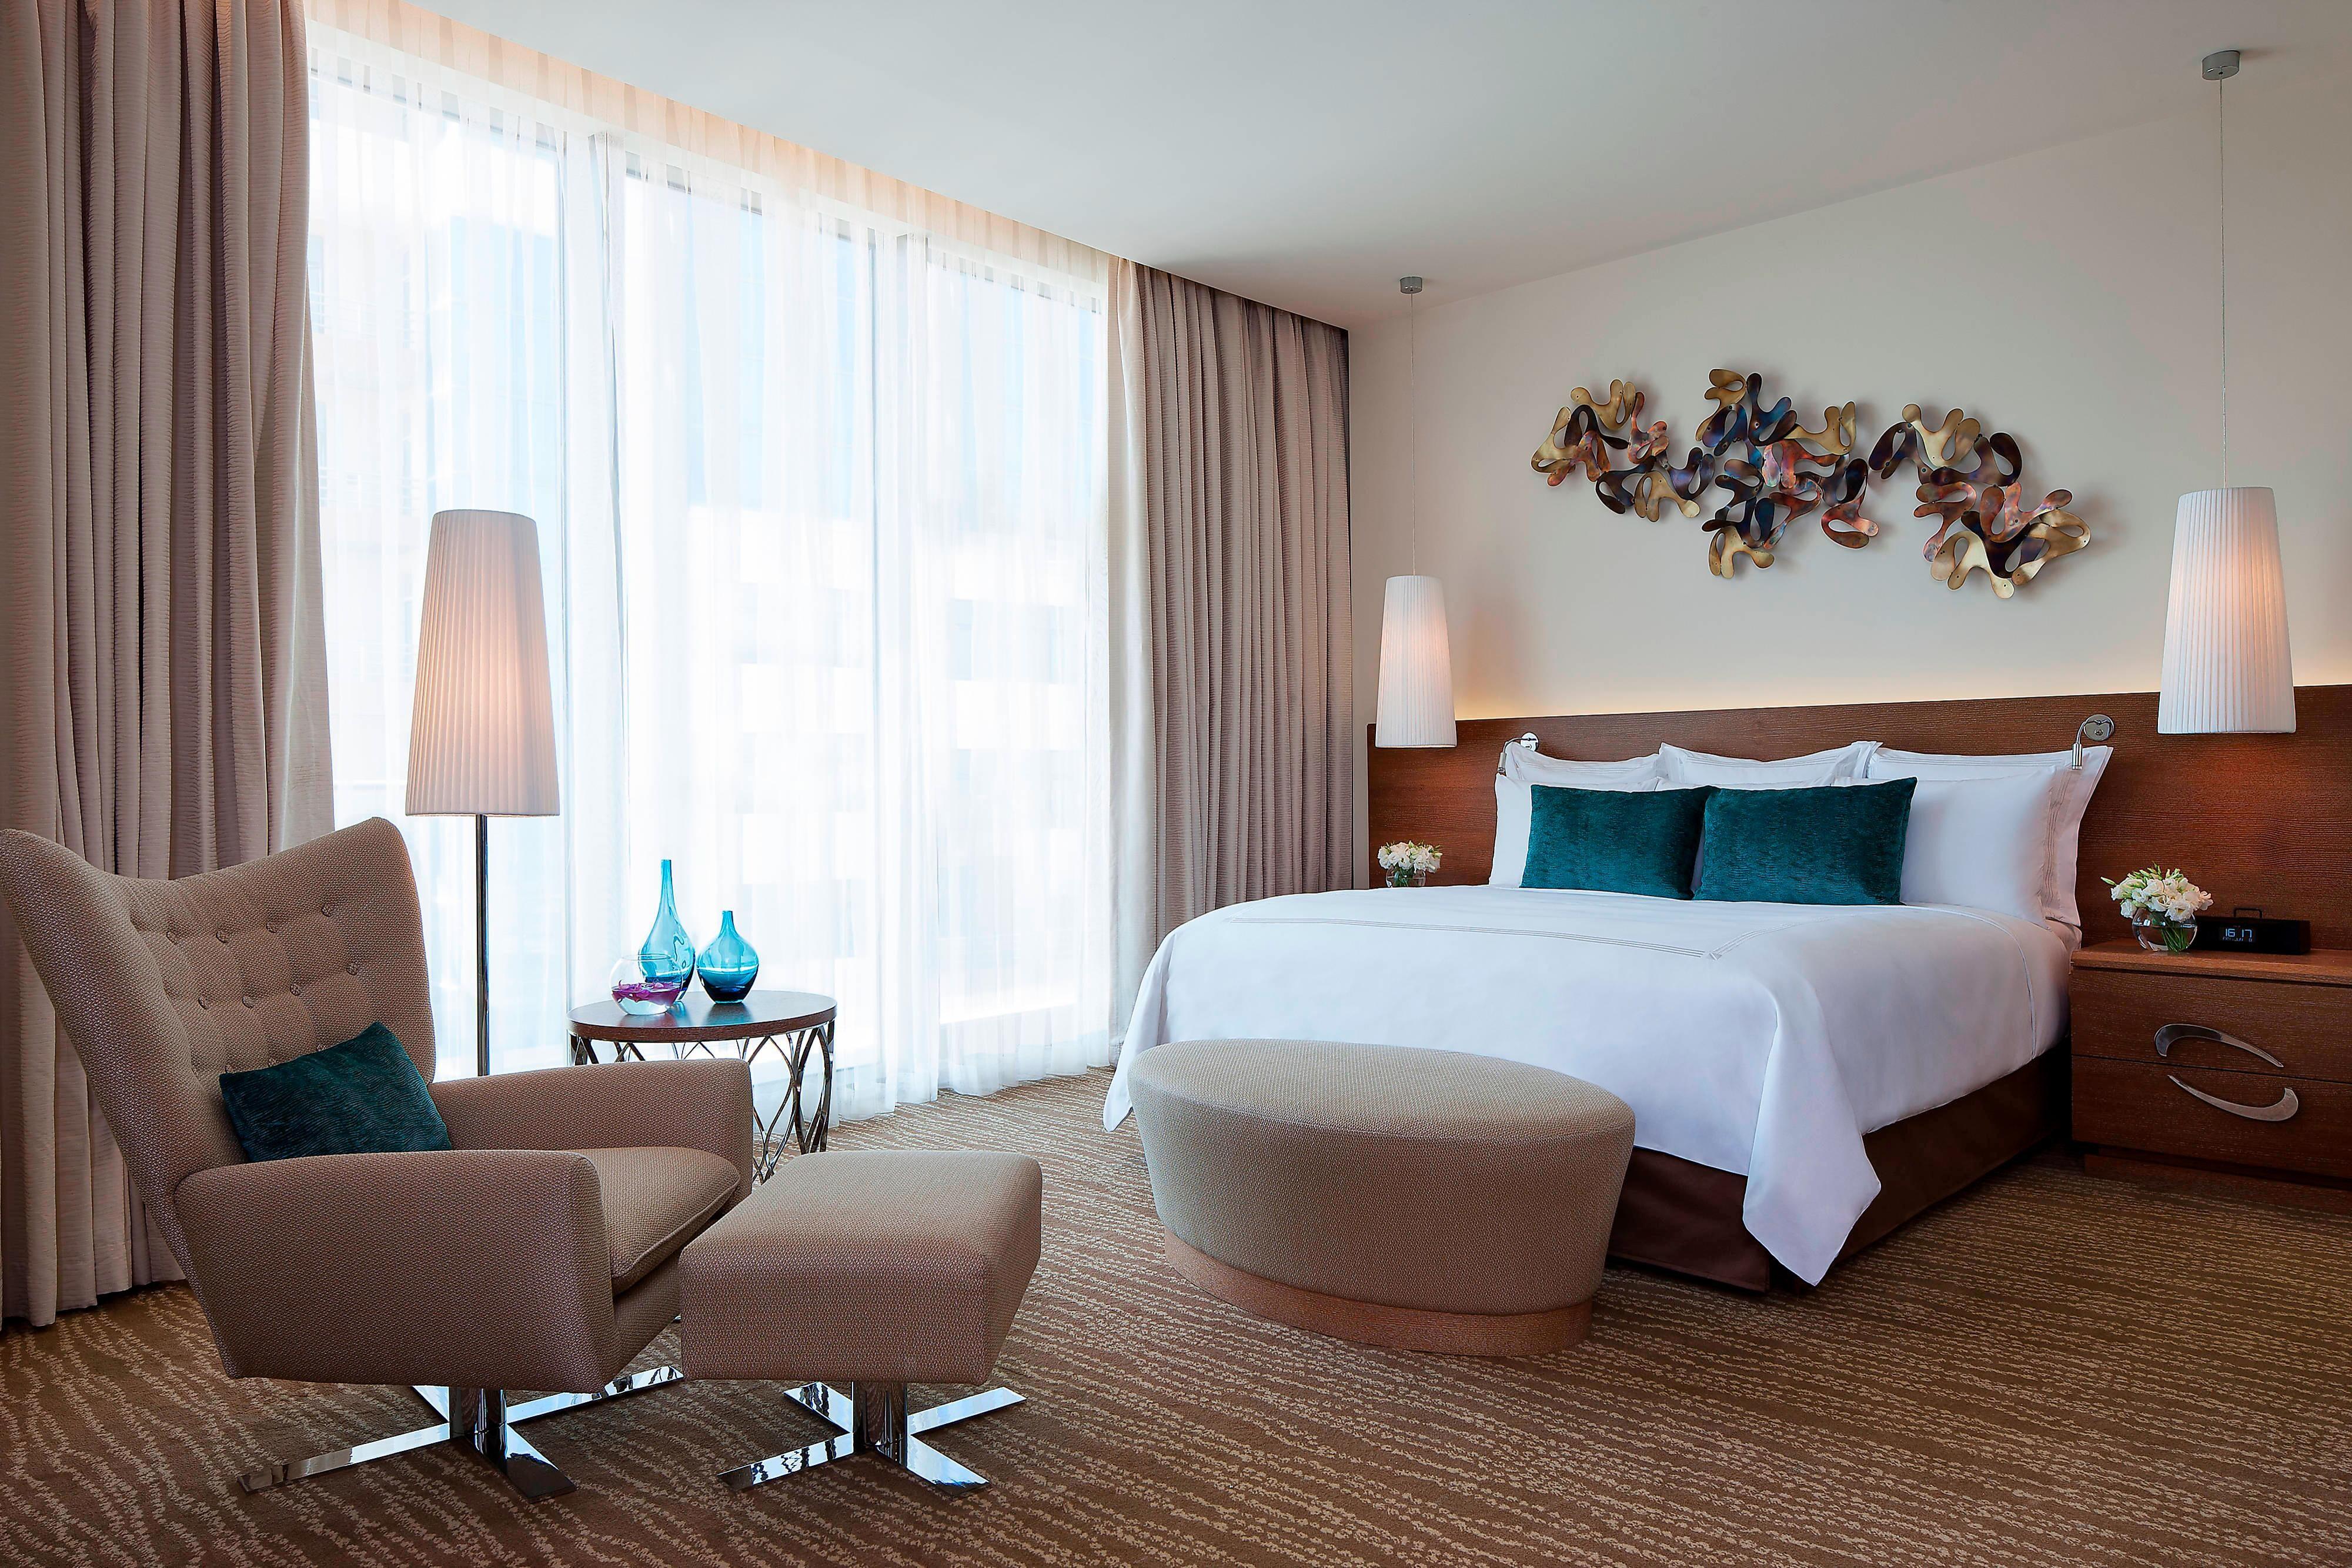 Habitación de hotel de 5 estrellas en Bakú